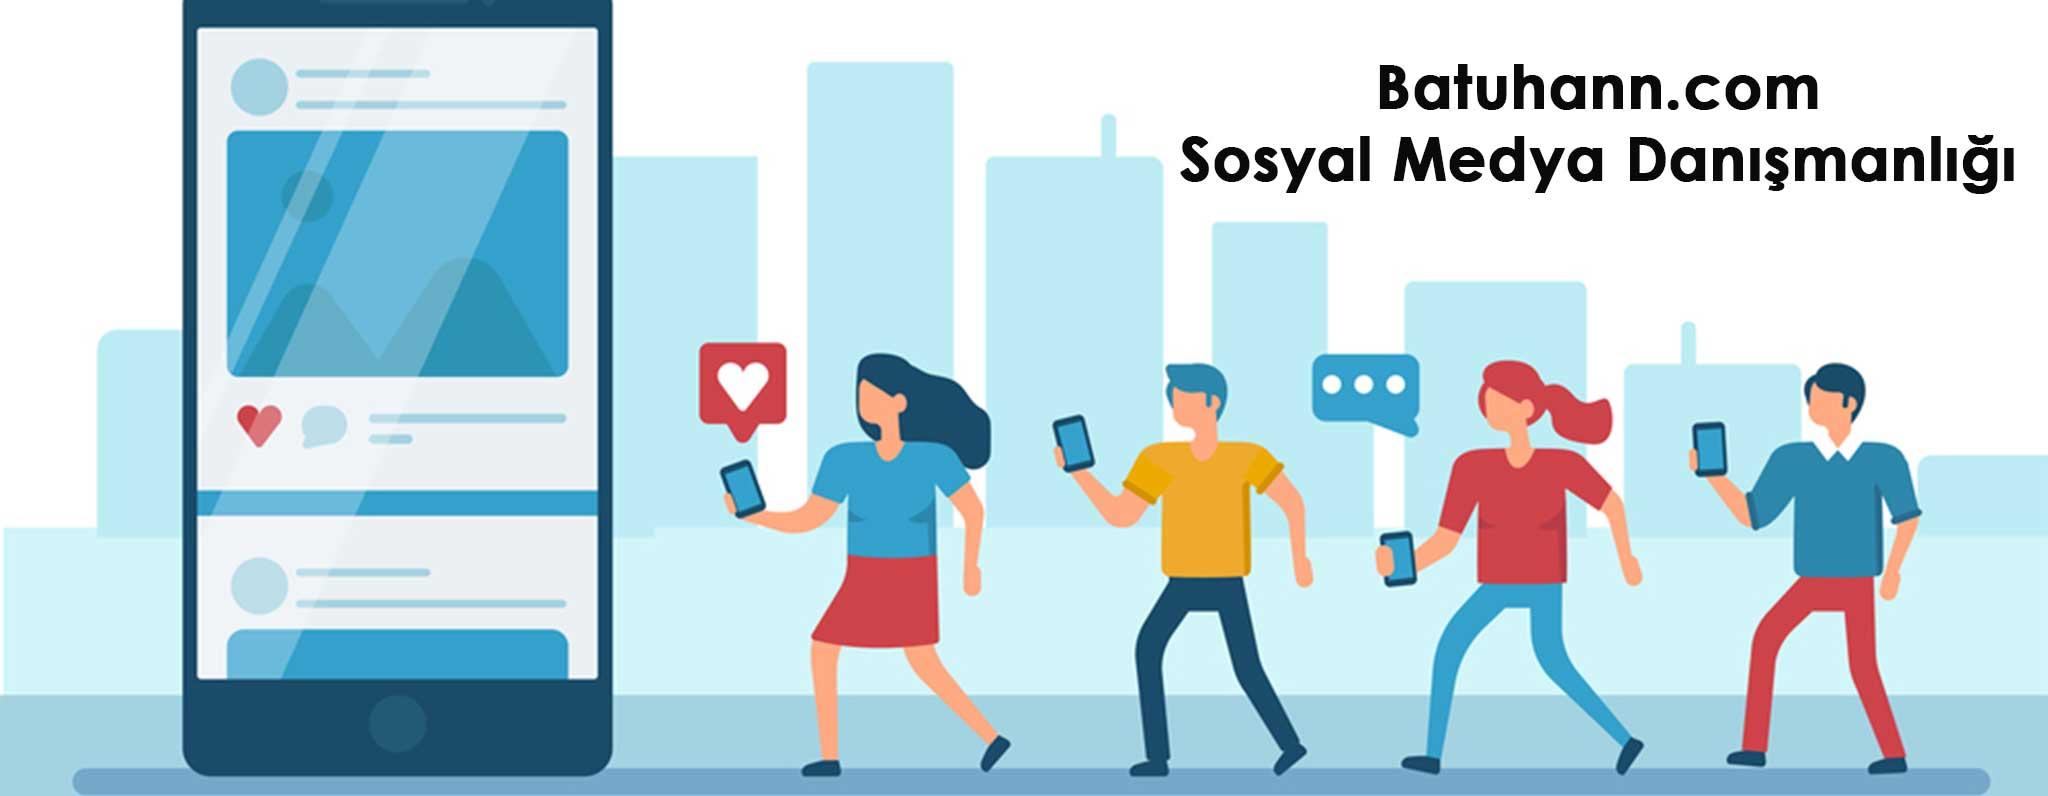 sosyal-medya-danışmanlığı